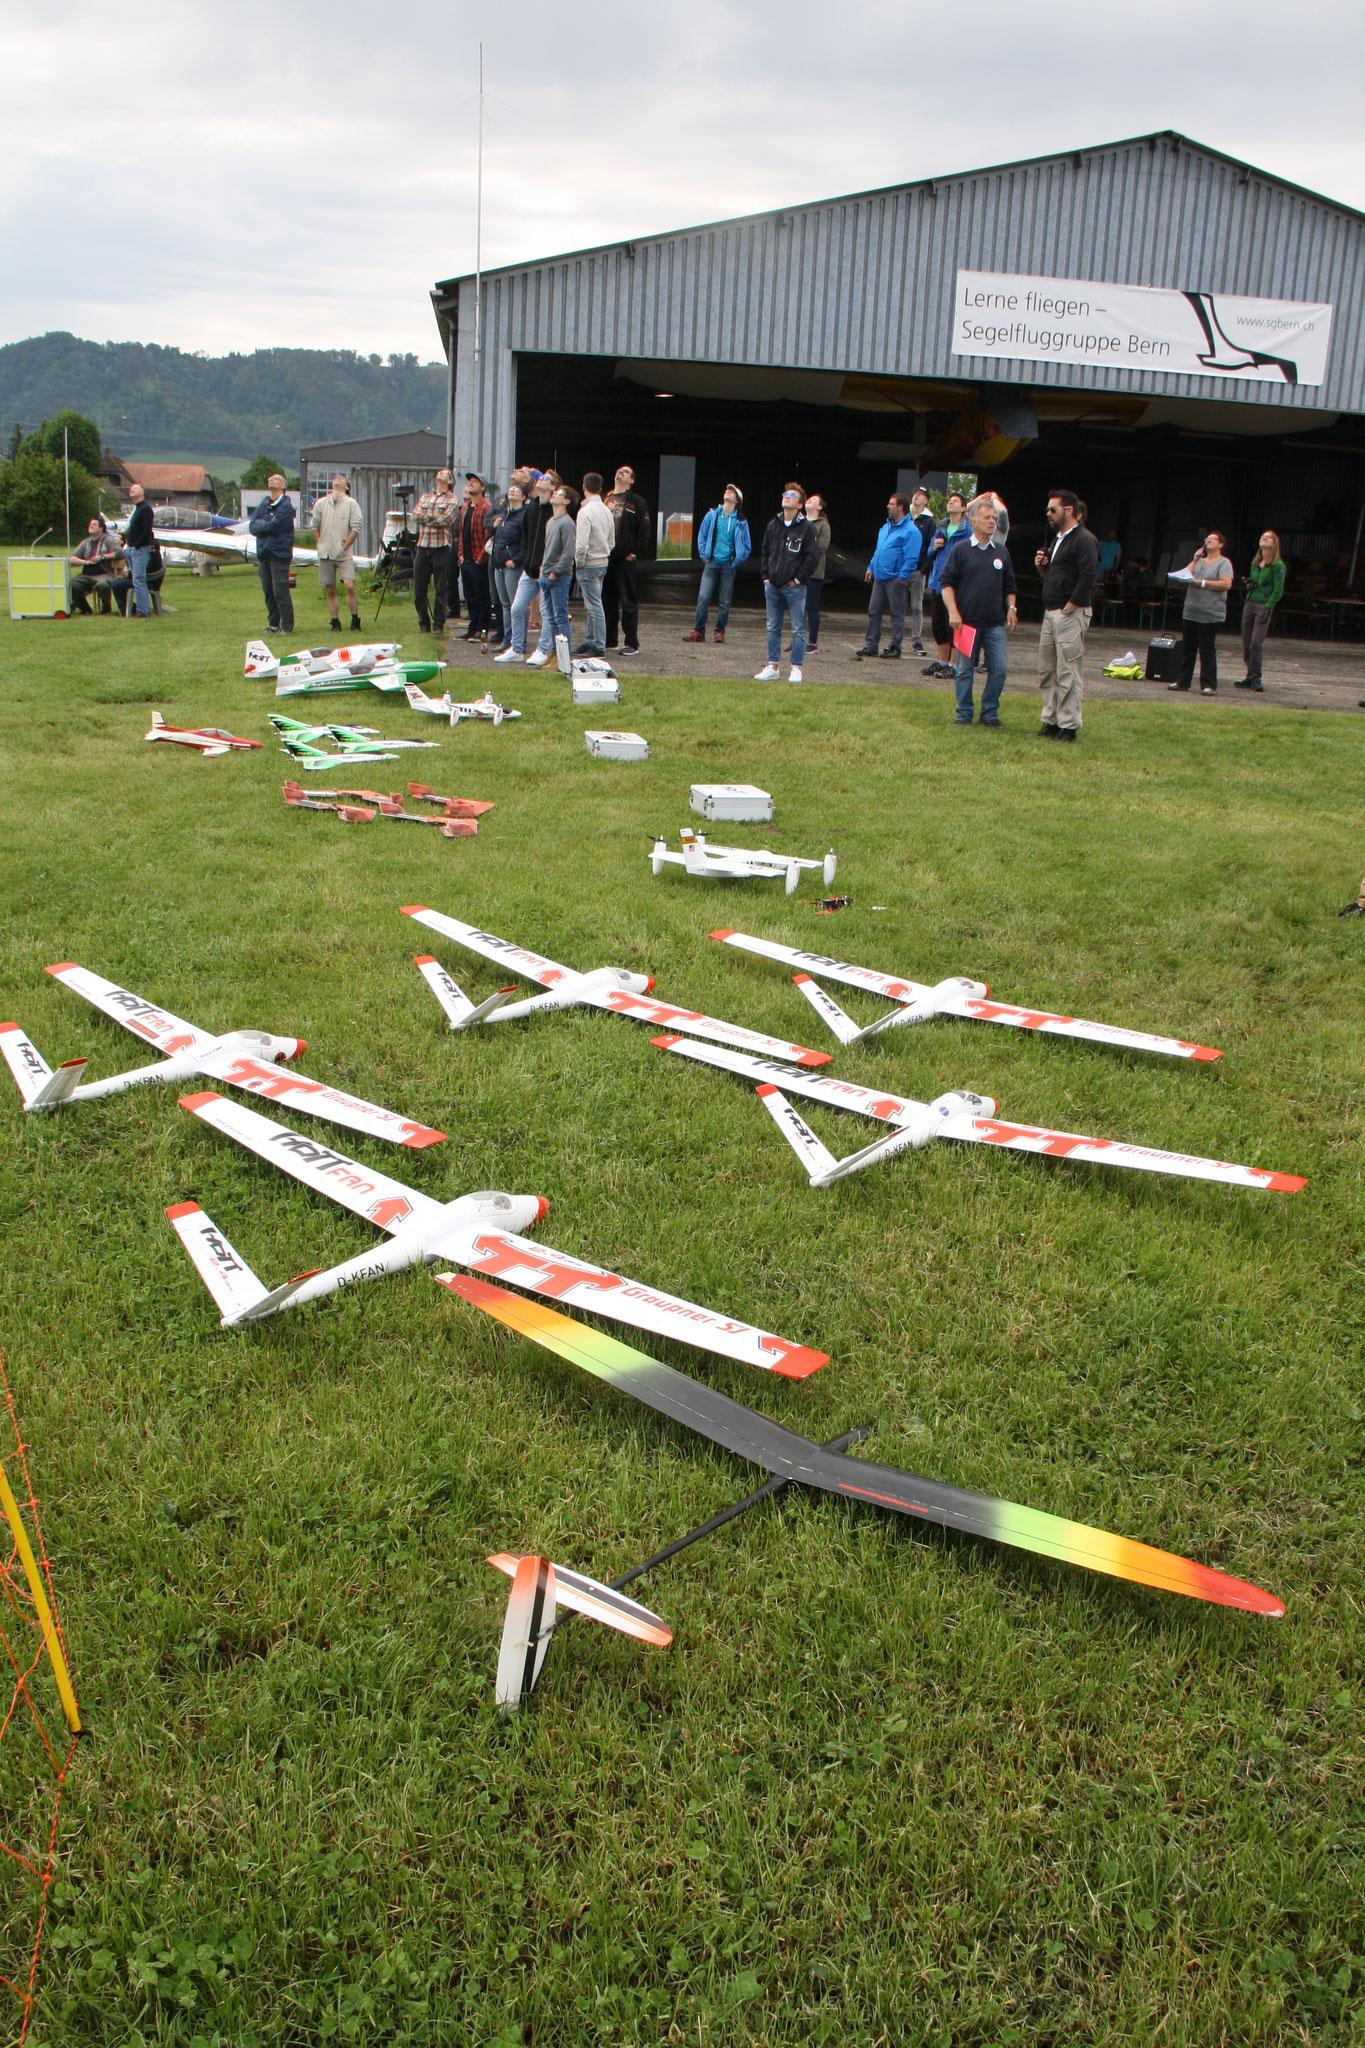 Modelflieger der Modelfluggruppe Riggisberg